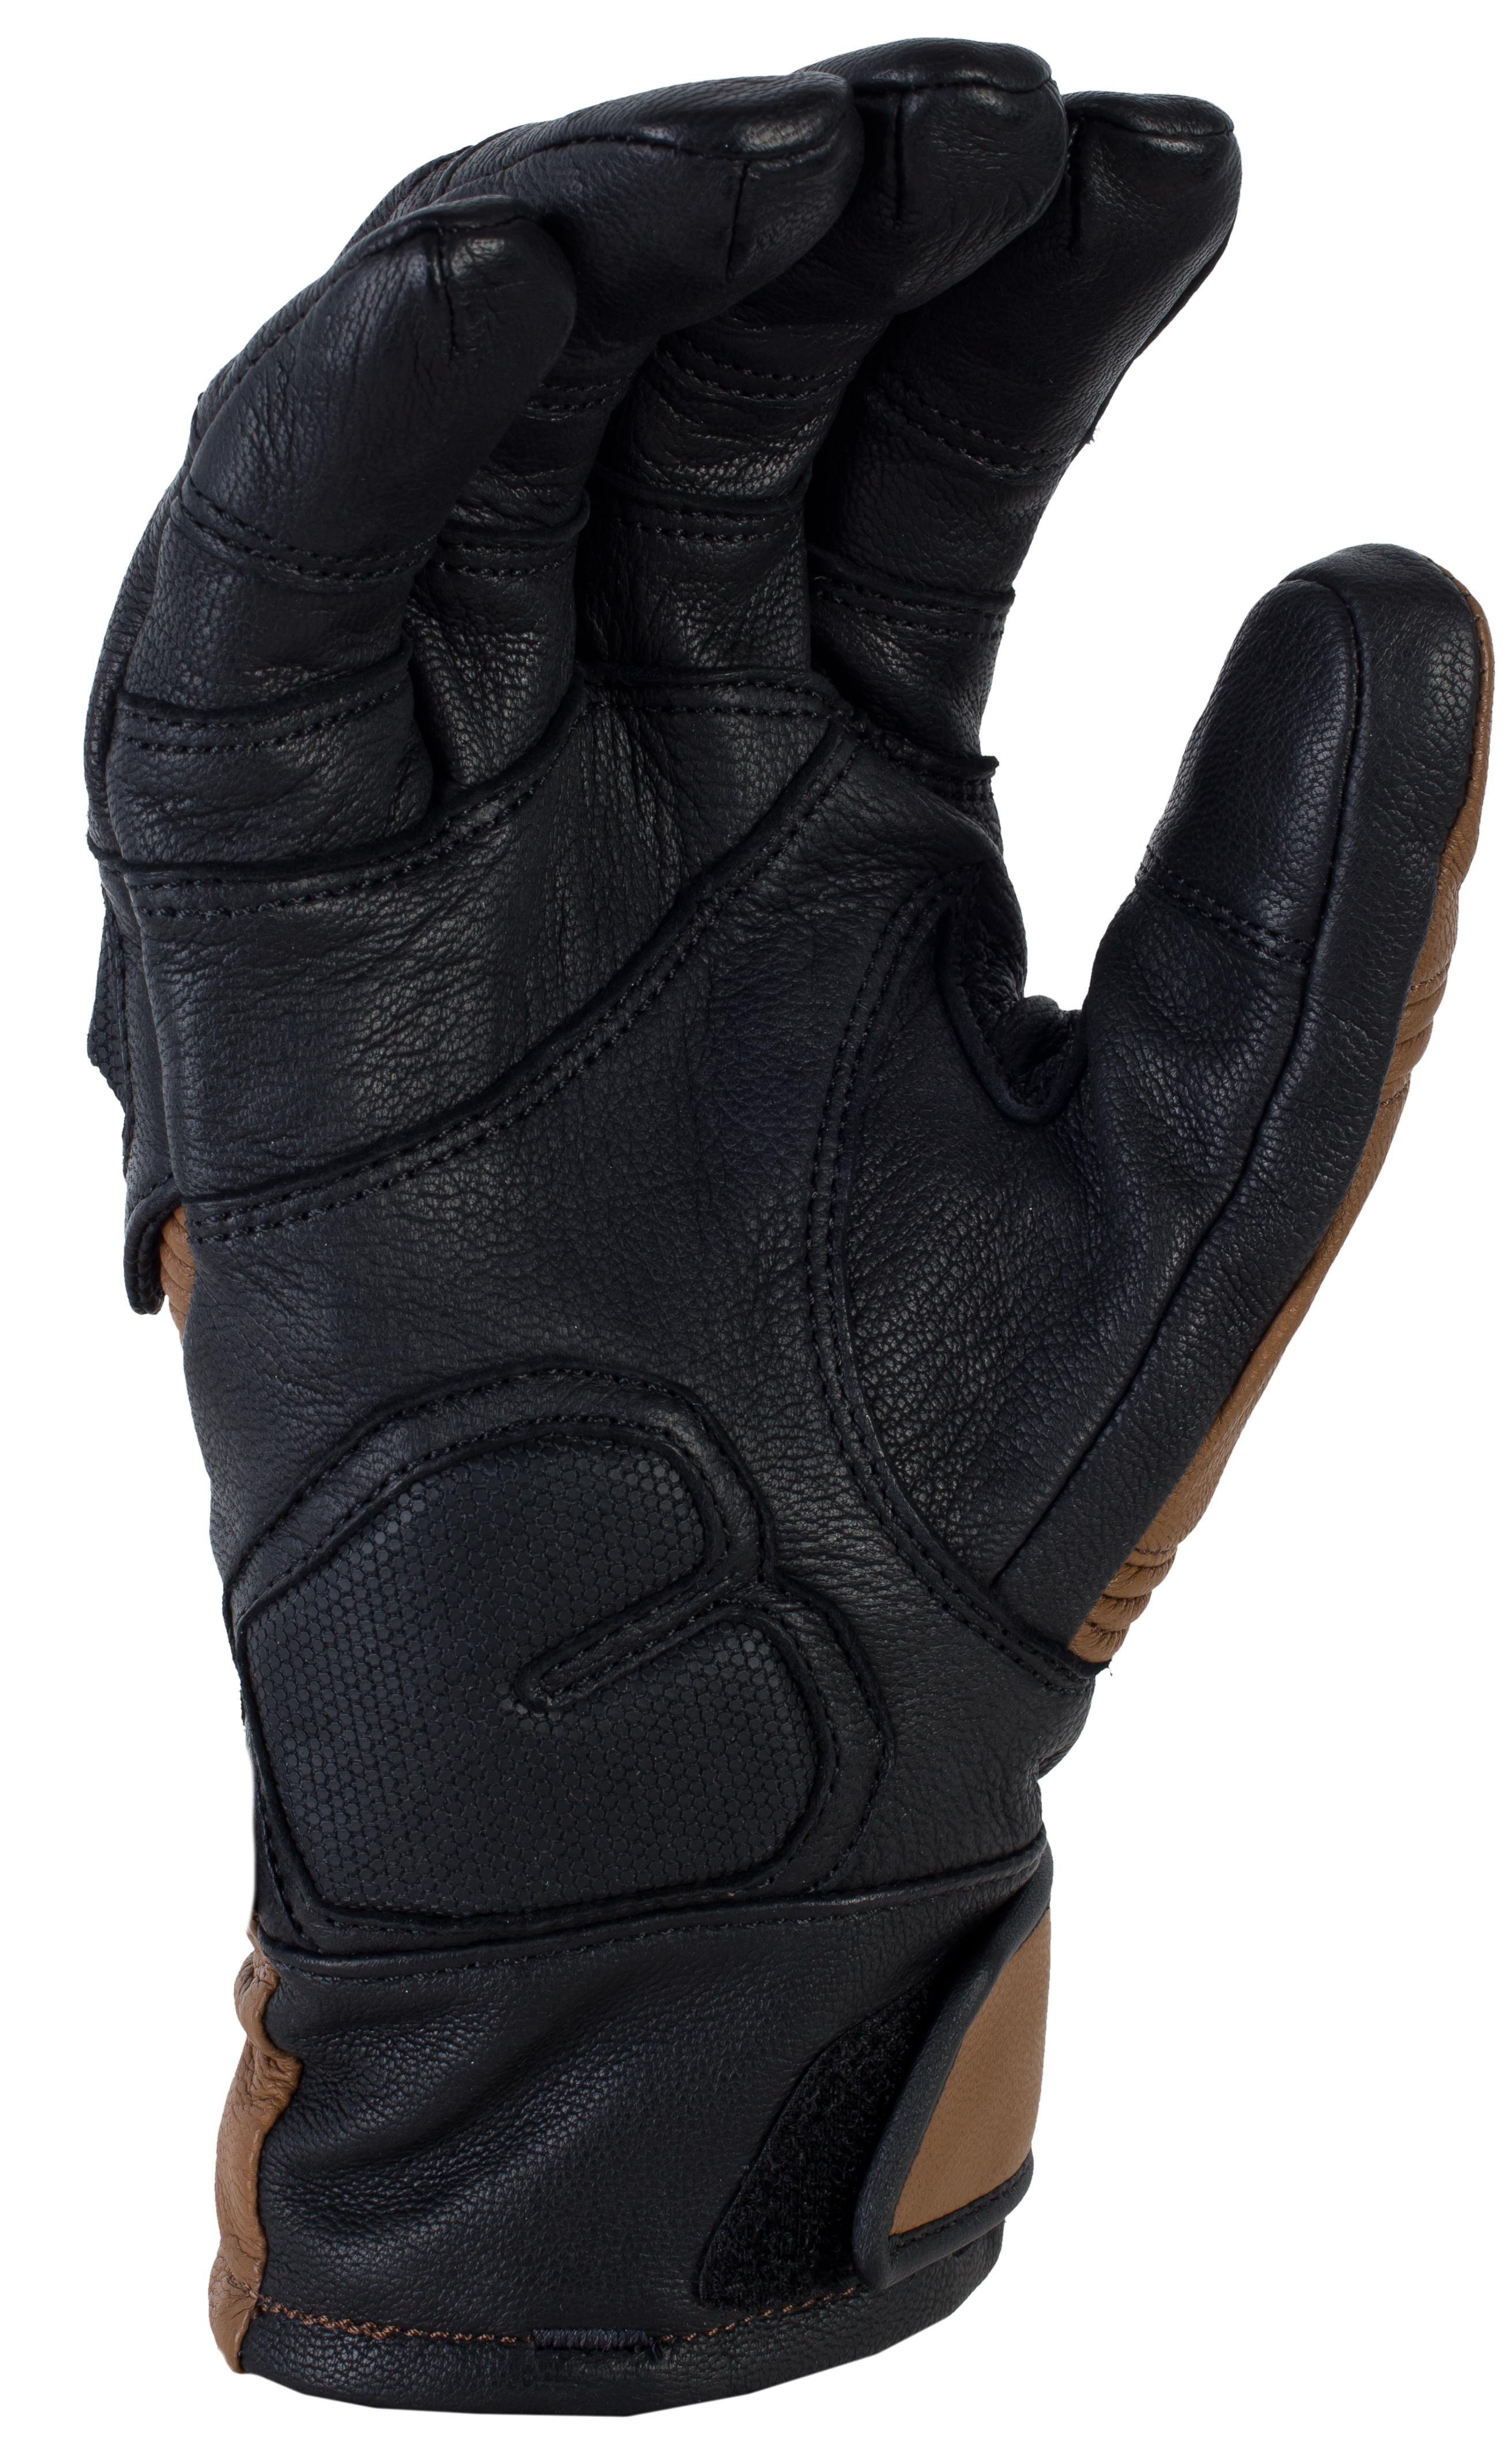 Adventure Glove Short 5031-001-900-B